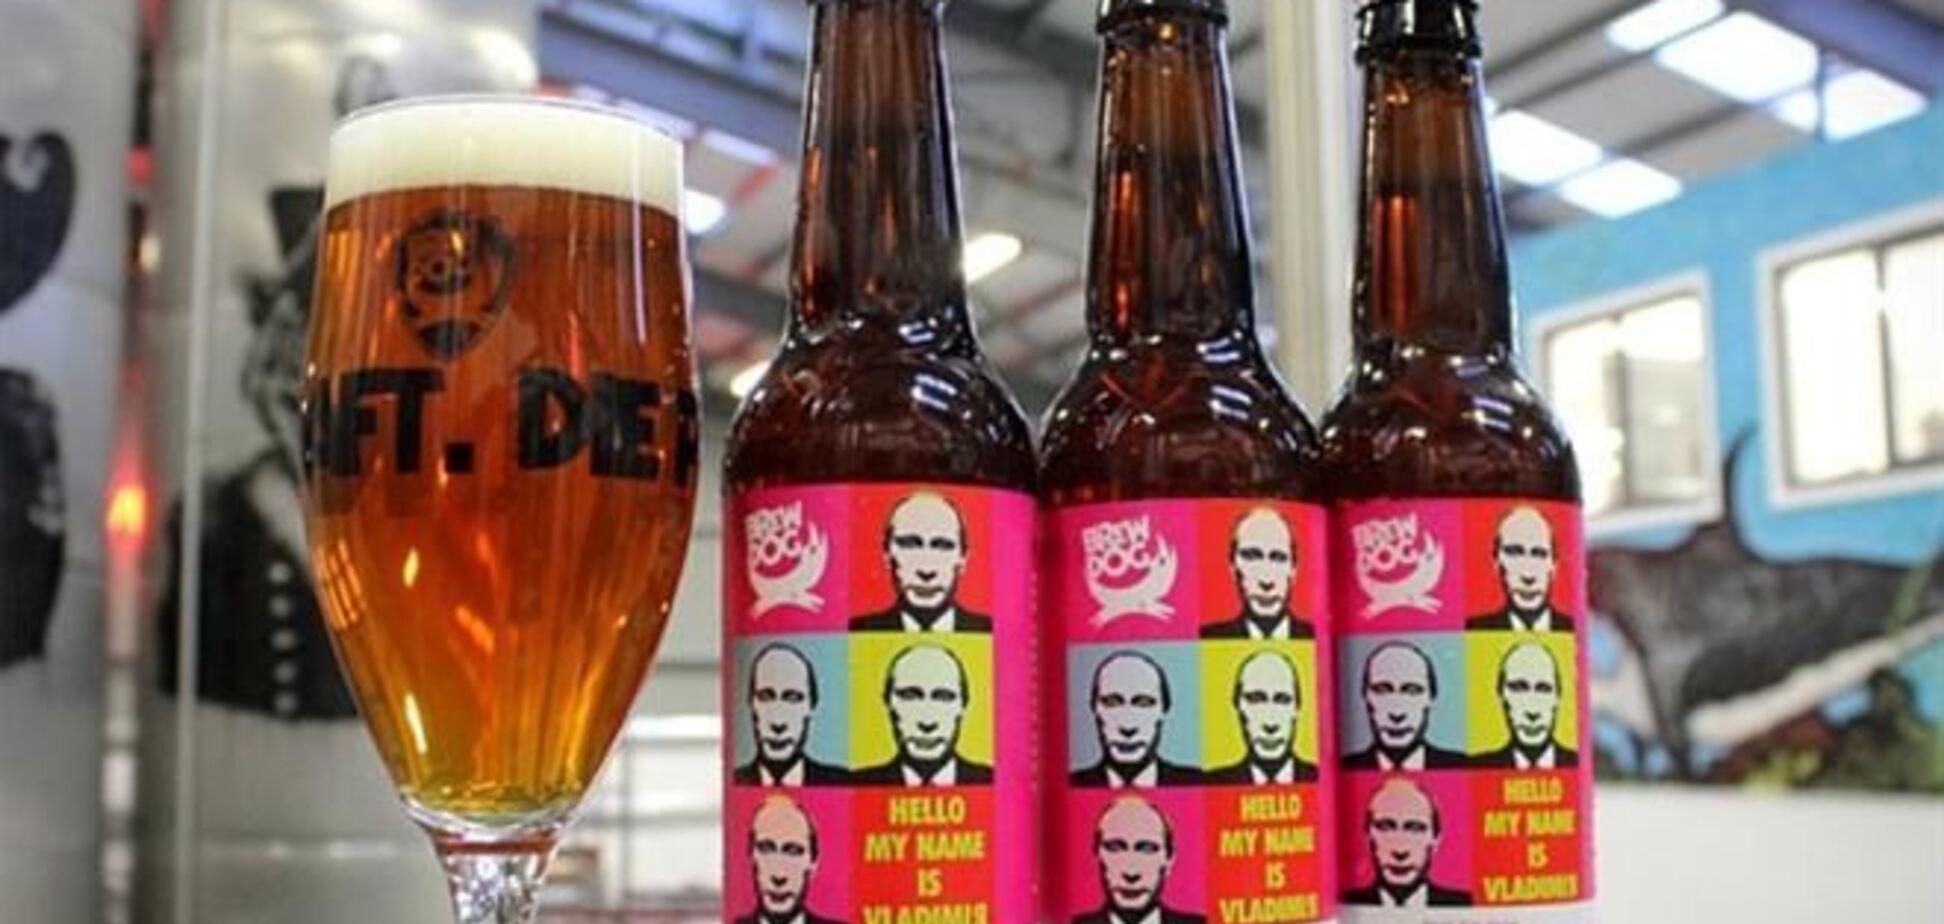 В Шотландии в честь Путина выпустили гетеросексуальное пиво